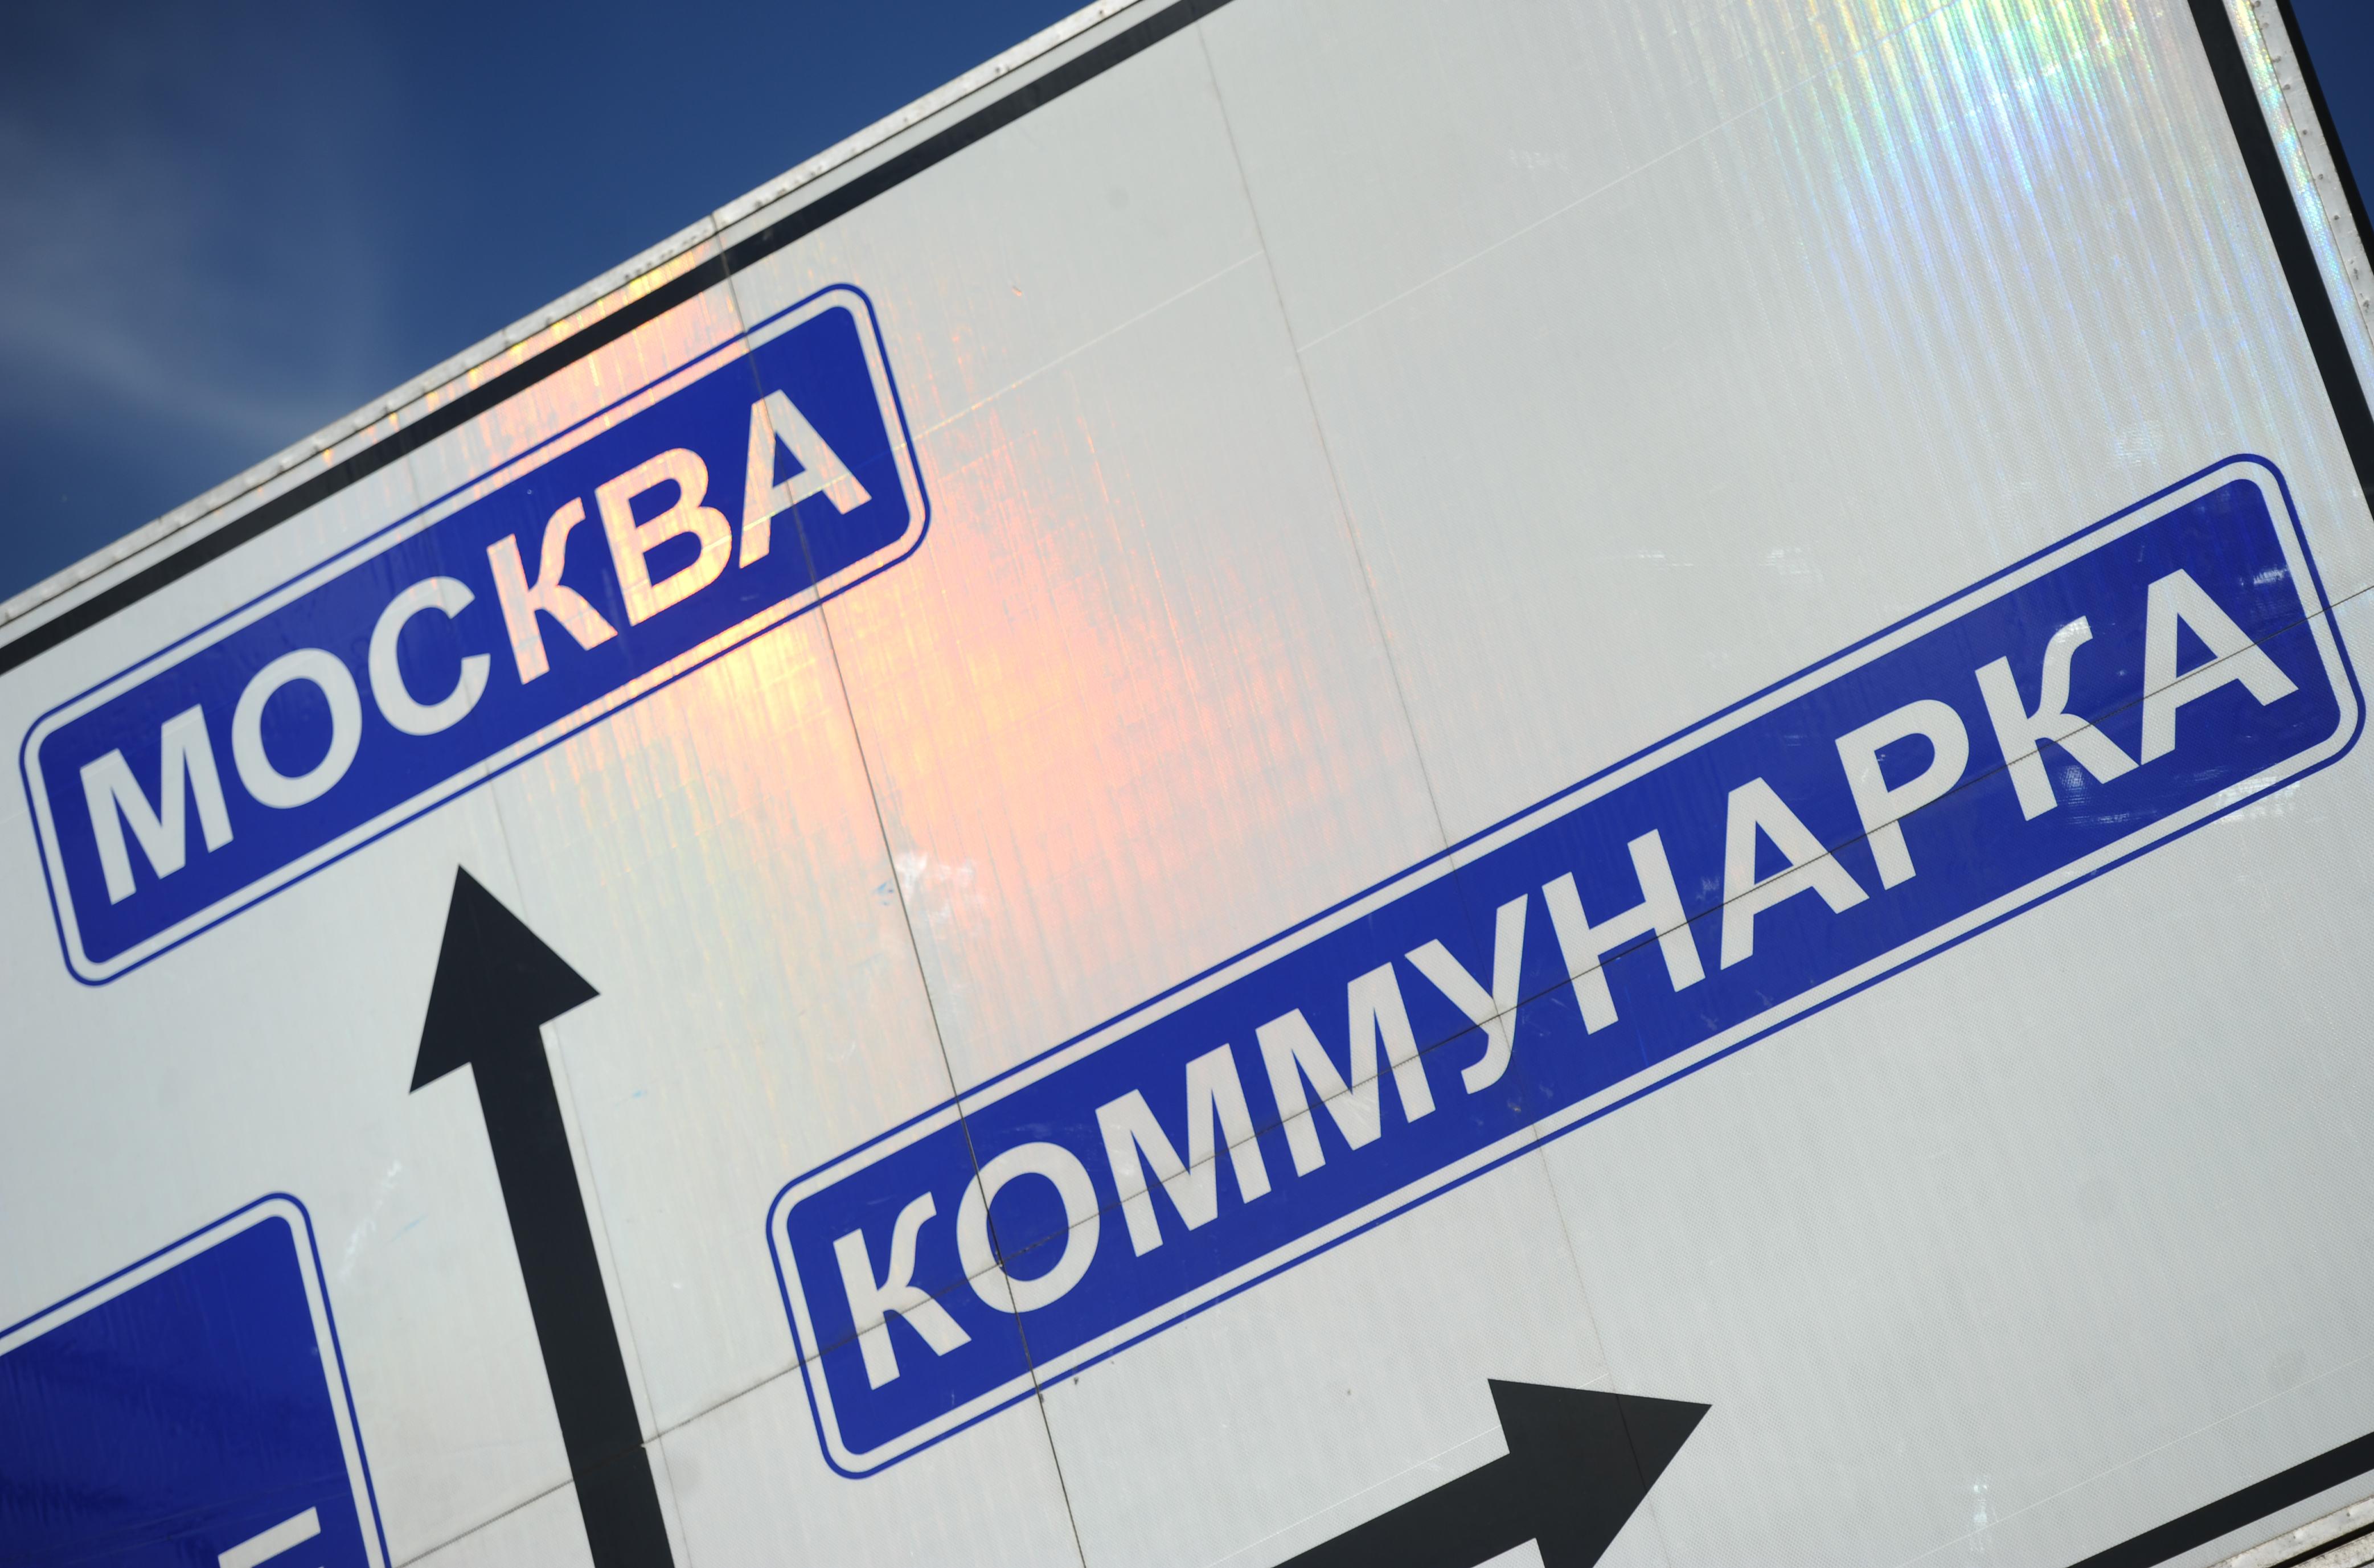 Указатель на въезде в поселок Коммунарка. Фото ИТАР-ТАСС/ Митя Алешковский